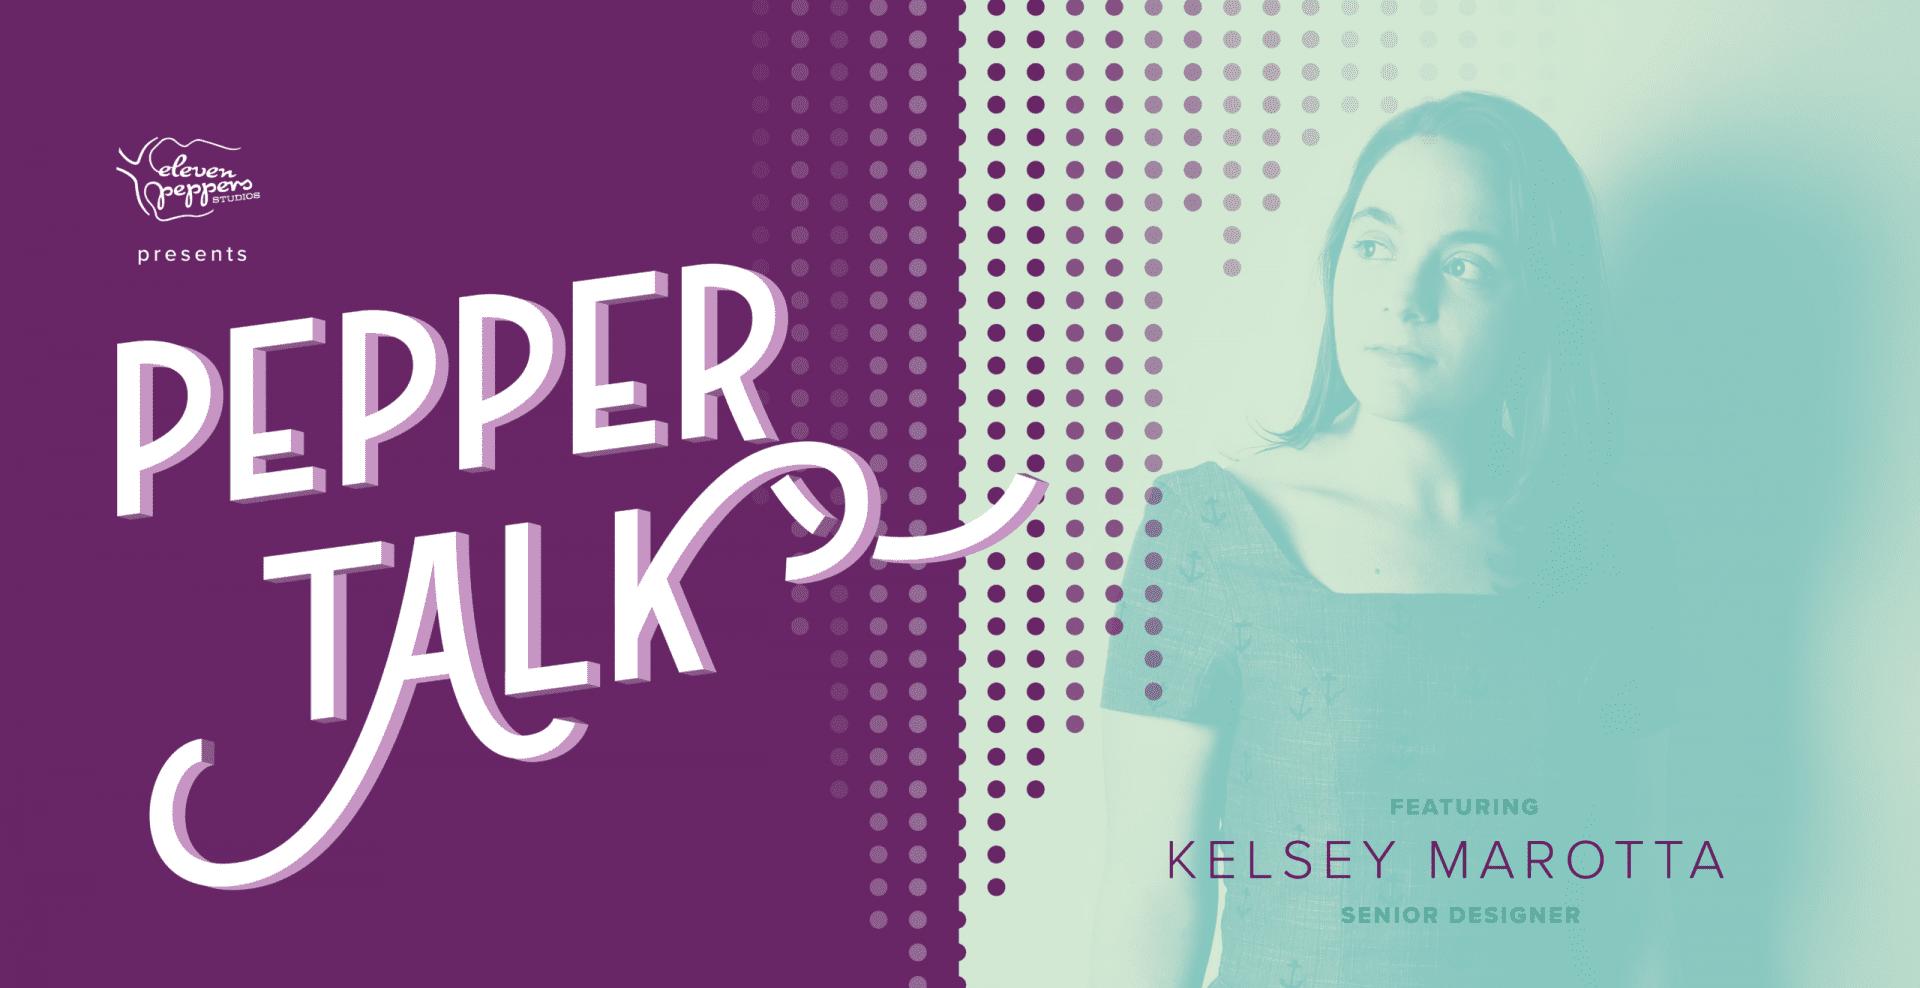 Pepper Talk with Kelsey Marotta